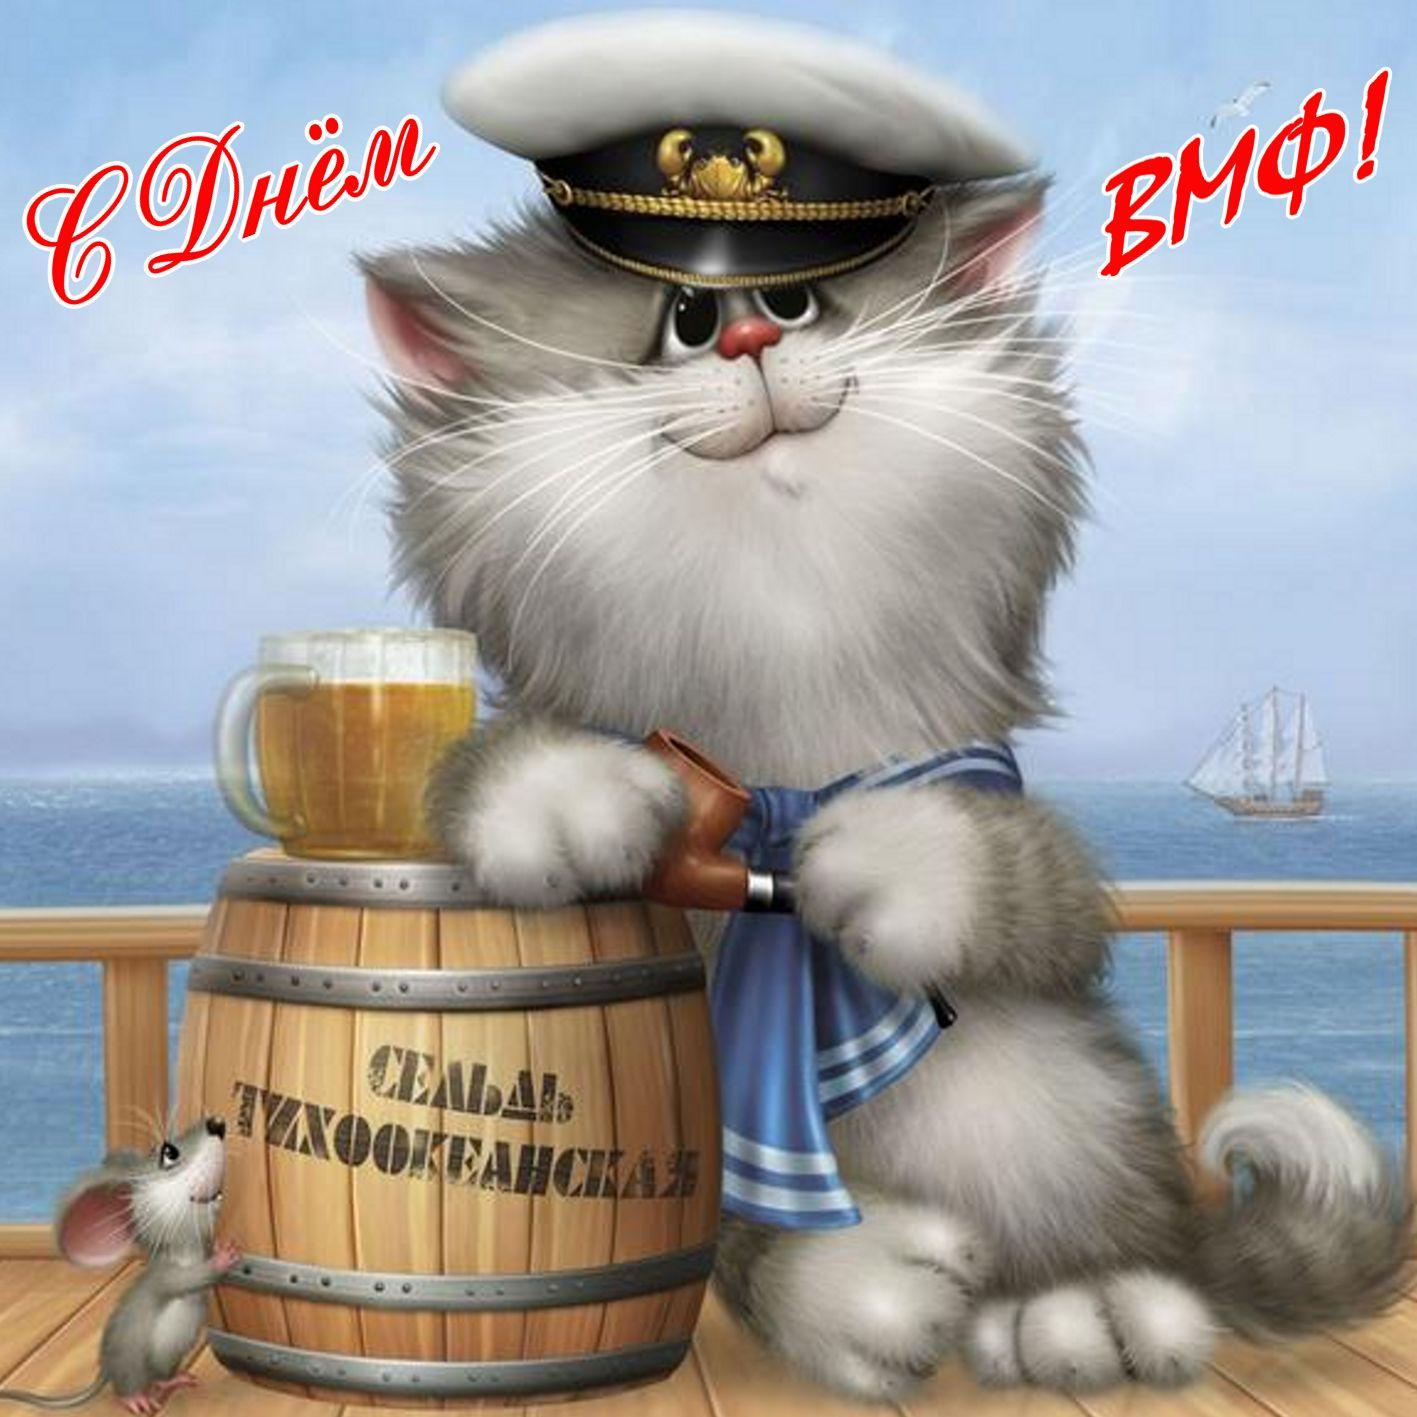 Открытка на День ВМФ - прикольный кот с трубкой у бочки